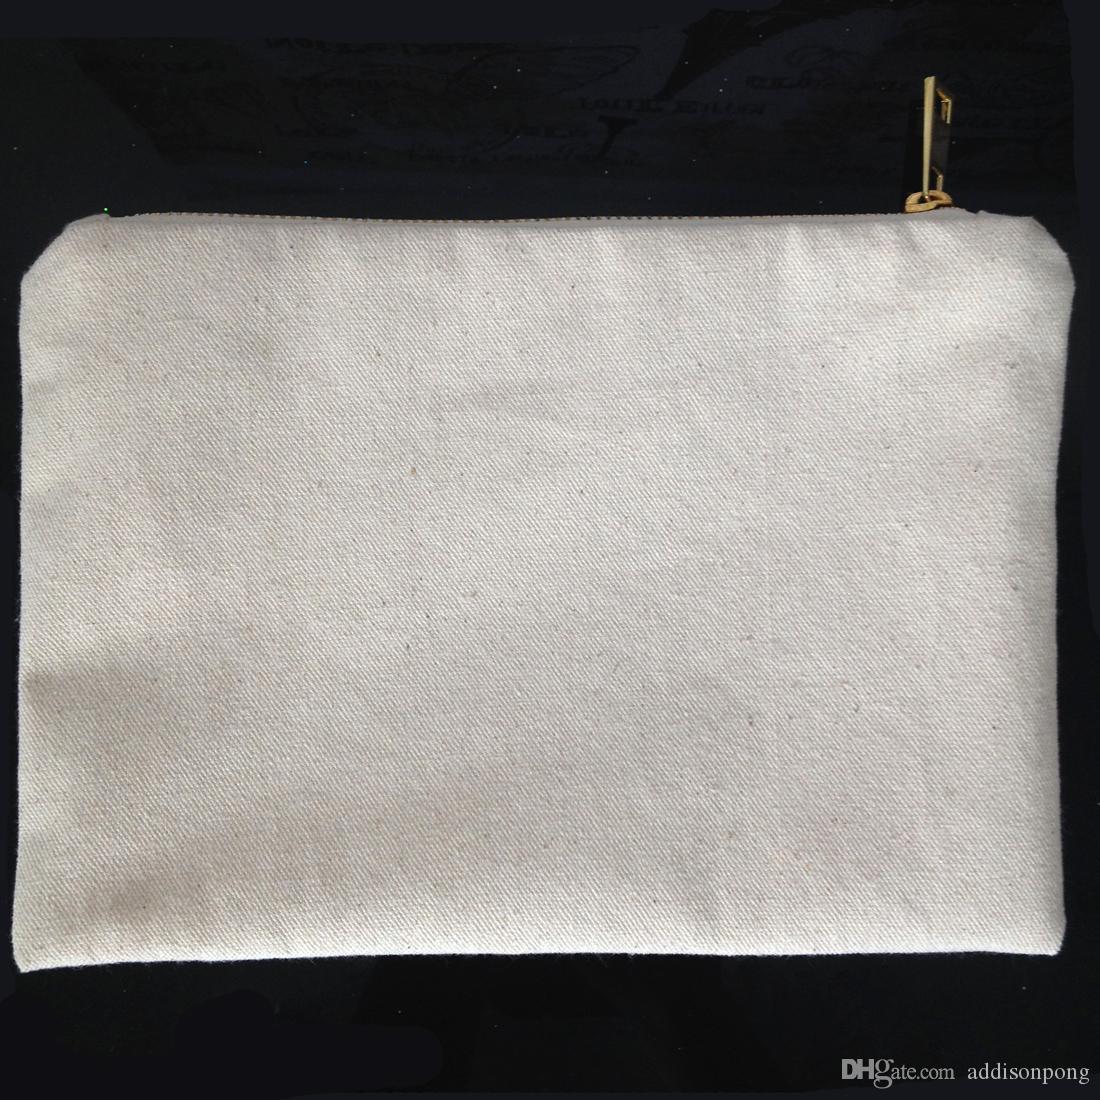 عادي القطن الطبيعي قماش حقيبة مستحضرات التجميل مع بطانة مطابقة لون الذهب البريدي 7x10in حقيبة ماكياج فارغة لالطلاء DIY / طباعة أسود / أبيض / العاج